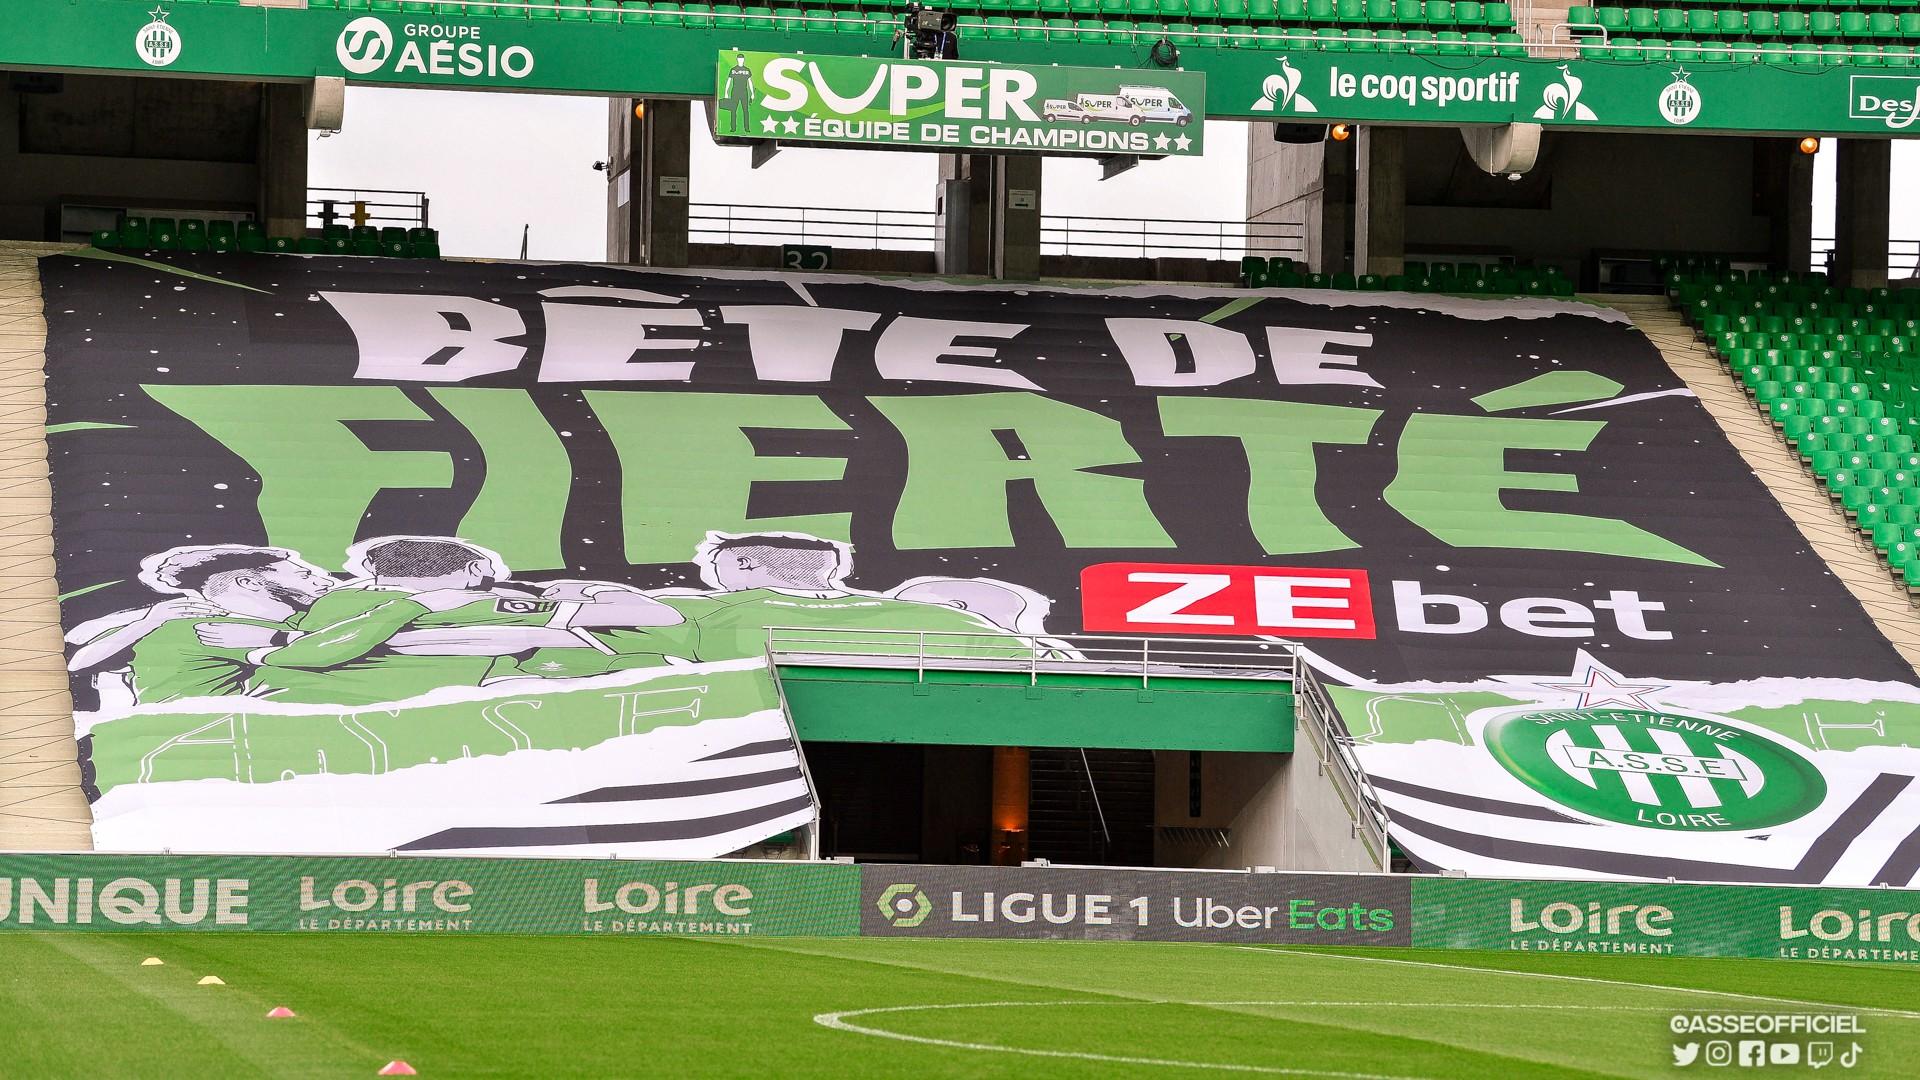 Zebet x ASSE (football) 2021